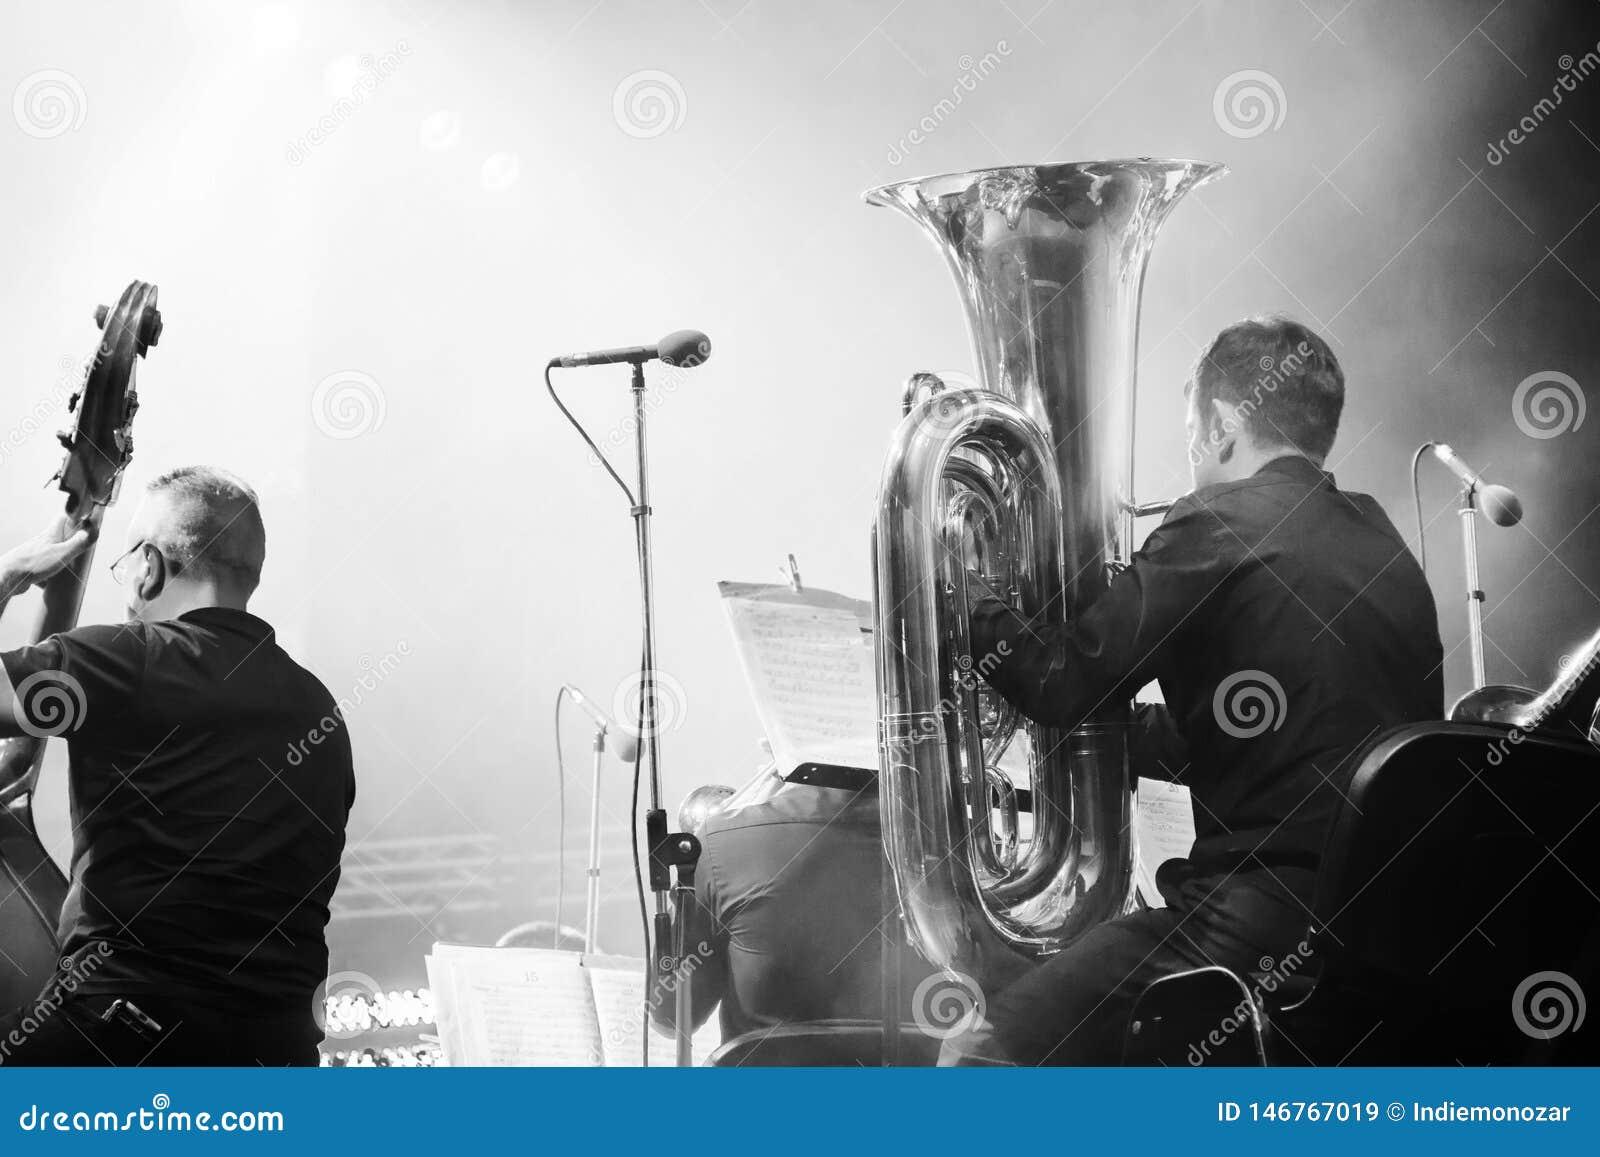 Orquesta sinf?nica en la etapa, la tuba y los bajistas dobles, detr?s del lanzamiento de las escenas en blanco y negro